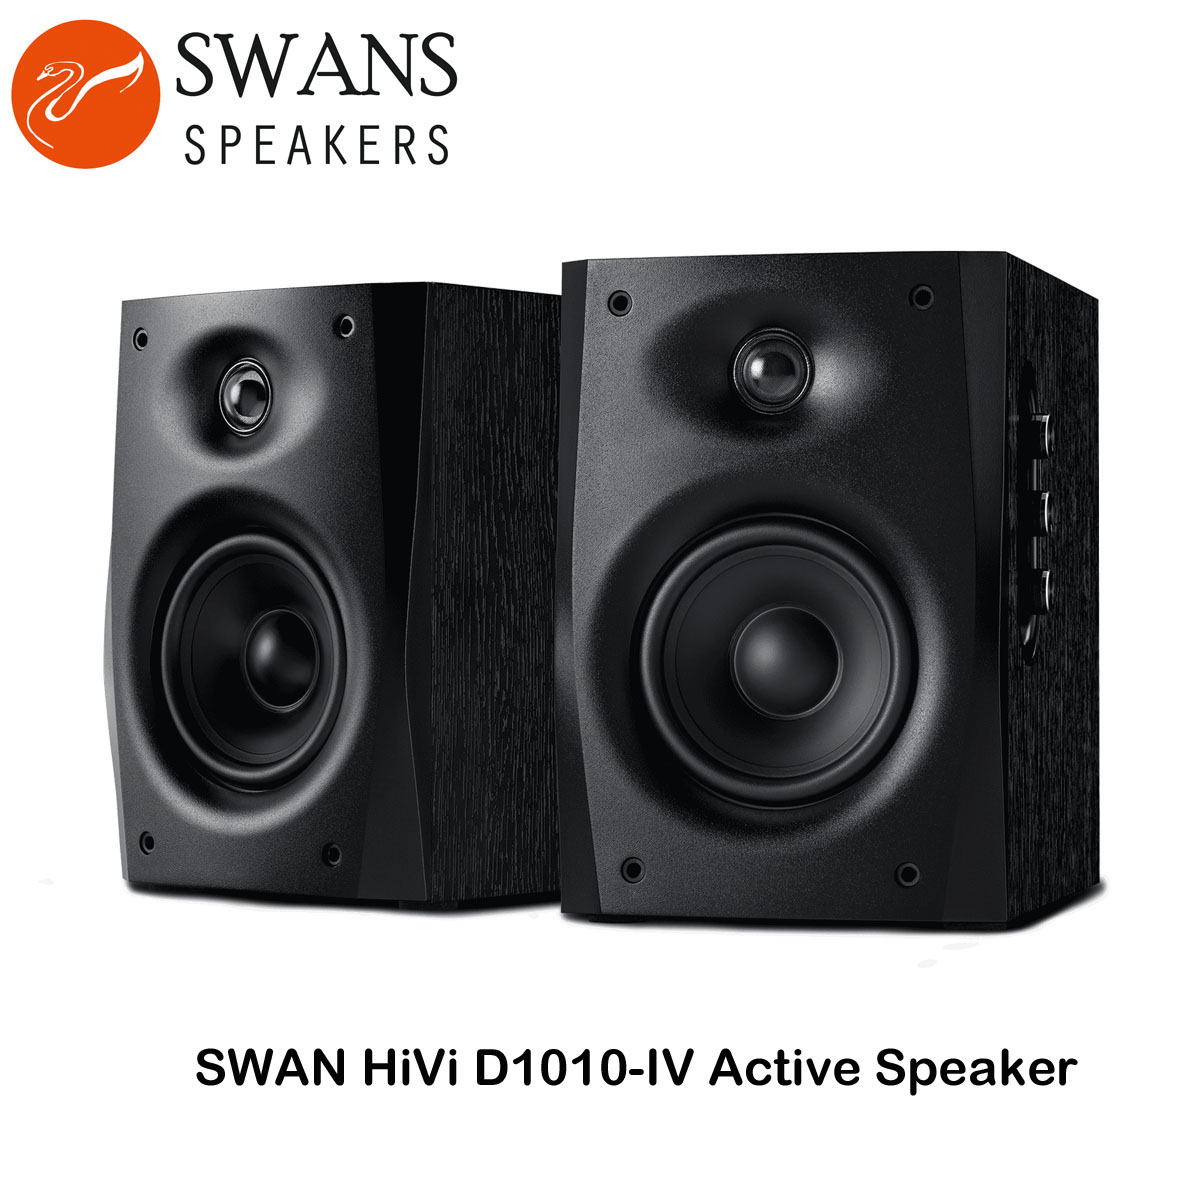 Loa SWAN D1010-IV